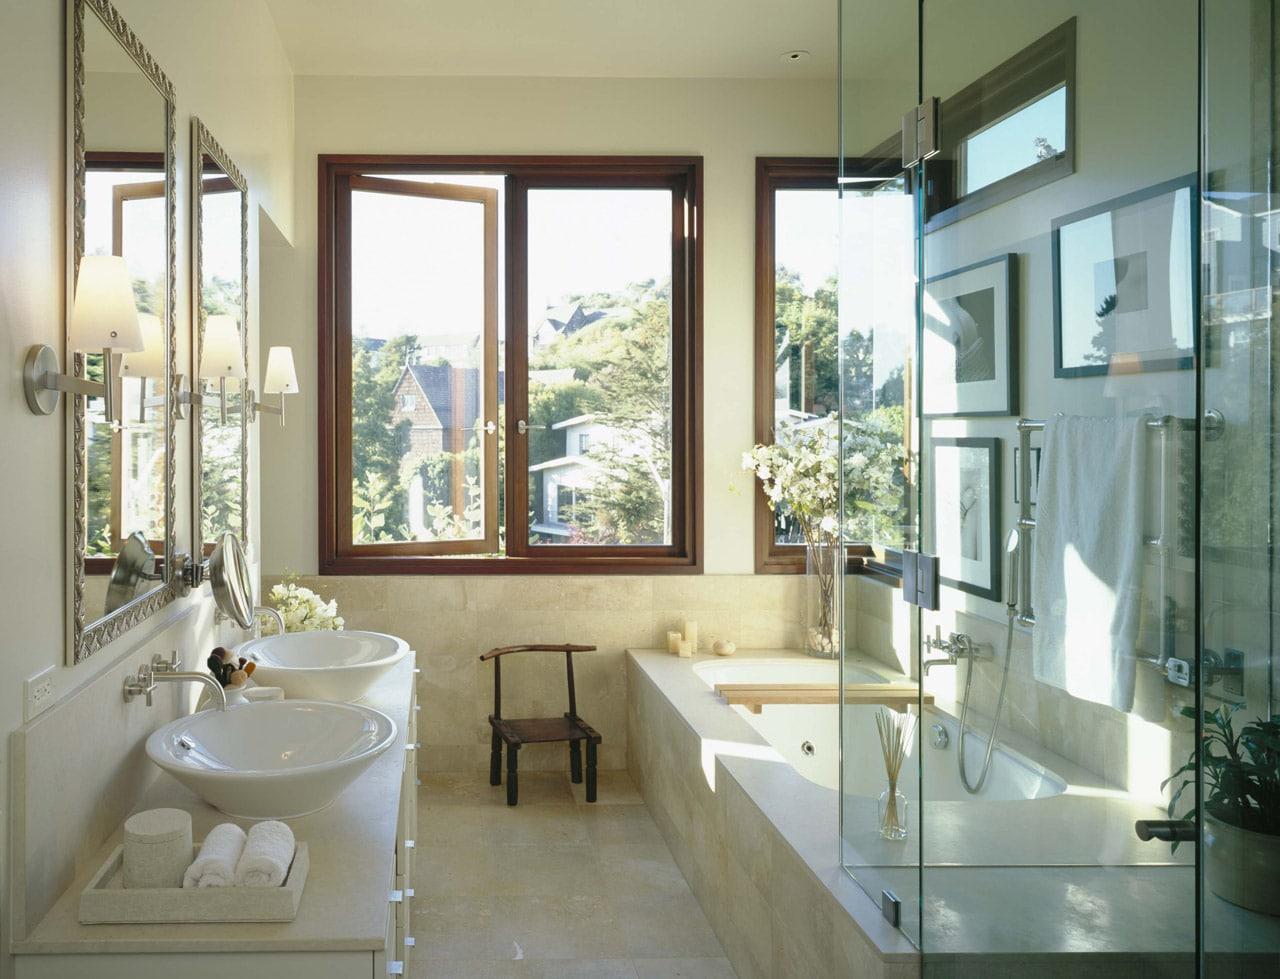 Ванная комната с окном дизайн 6 кв метров